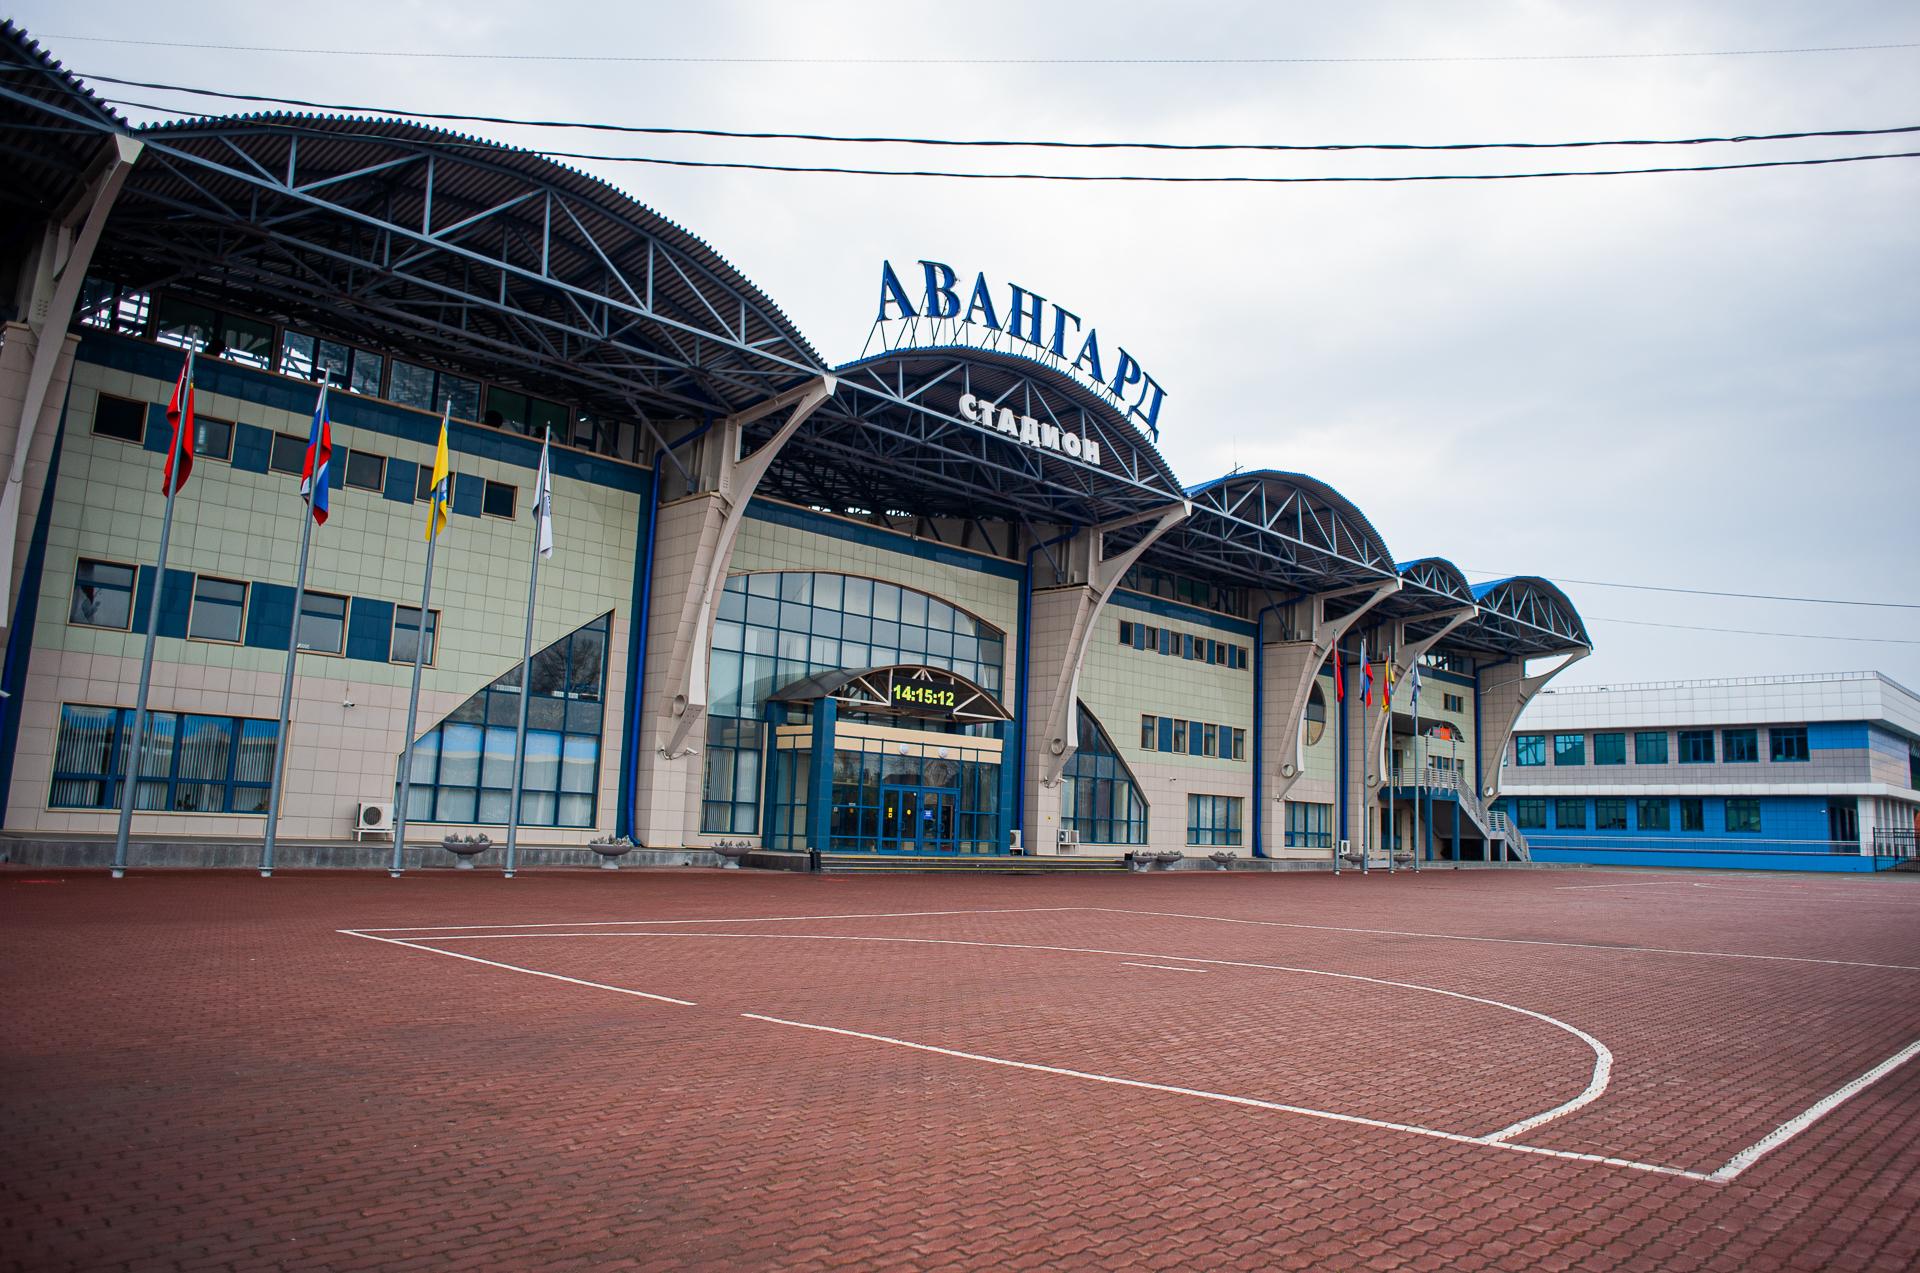 Домодедово, Стадион Авангард